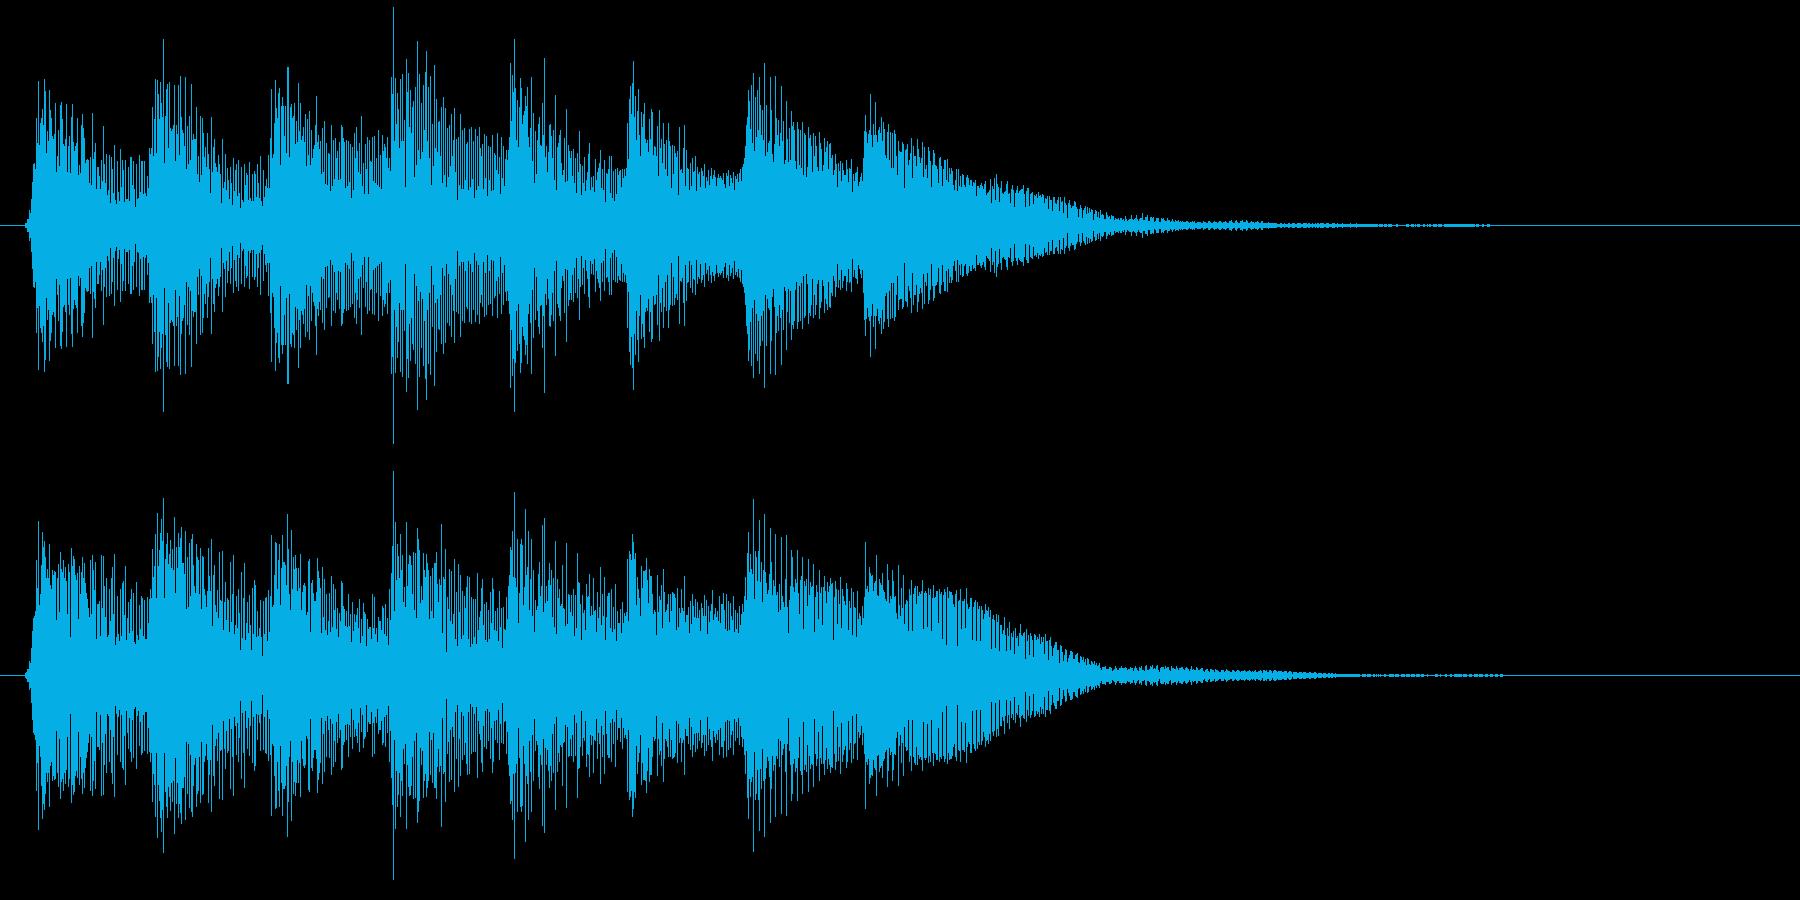 ピコピコ音のゲームクリア音 達成 成功の再生済みの波形